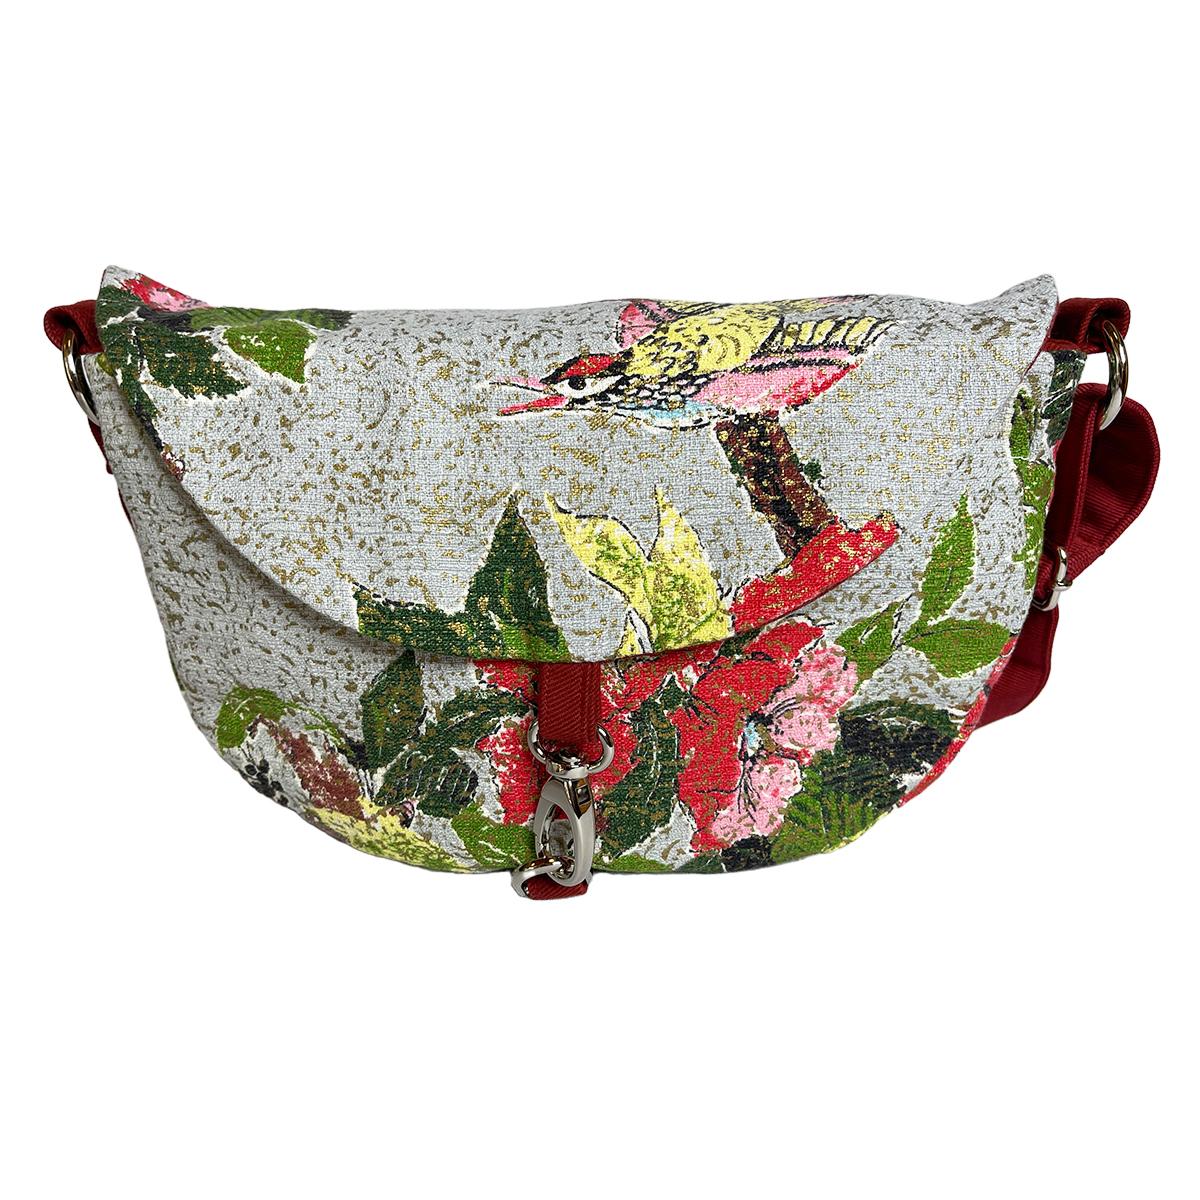 Vogue Bag – Speckled Bird